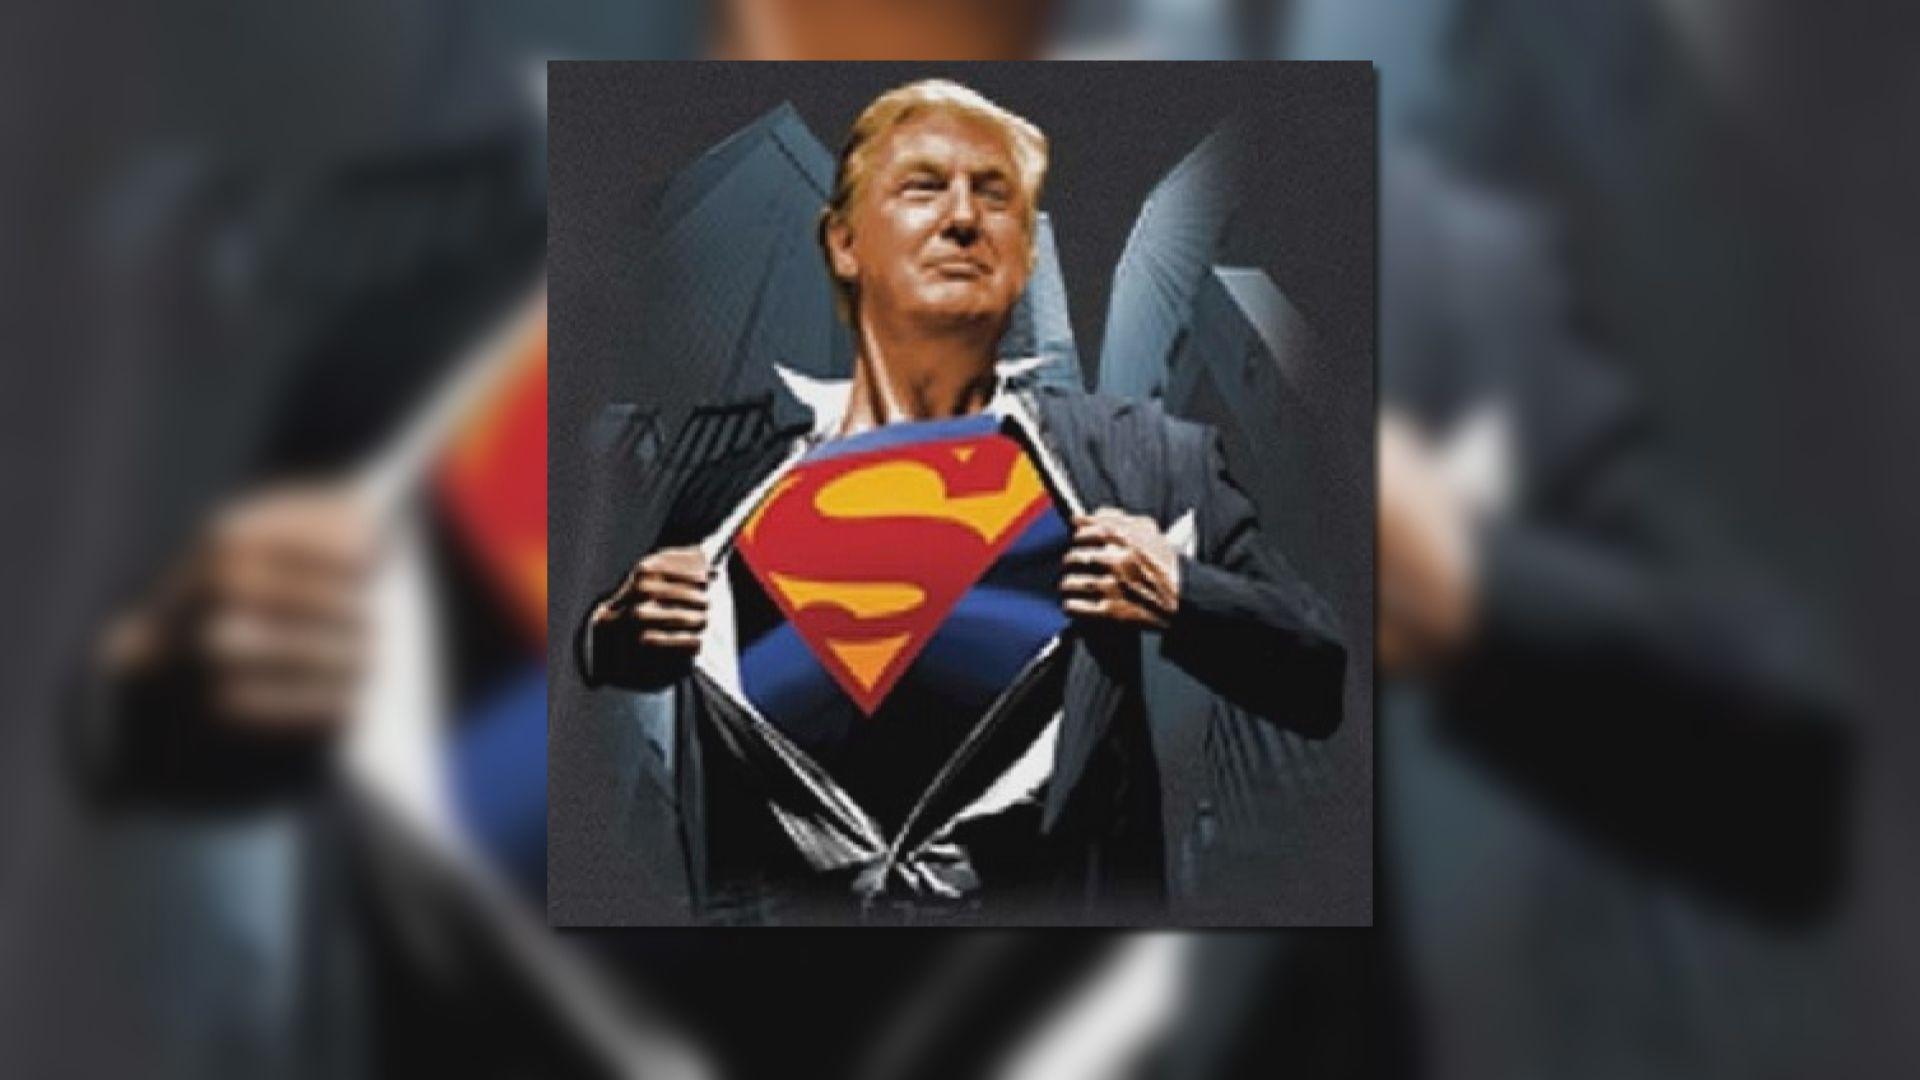 報道指特朗普擬穿超人T裇出院惹熱議